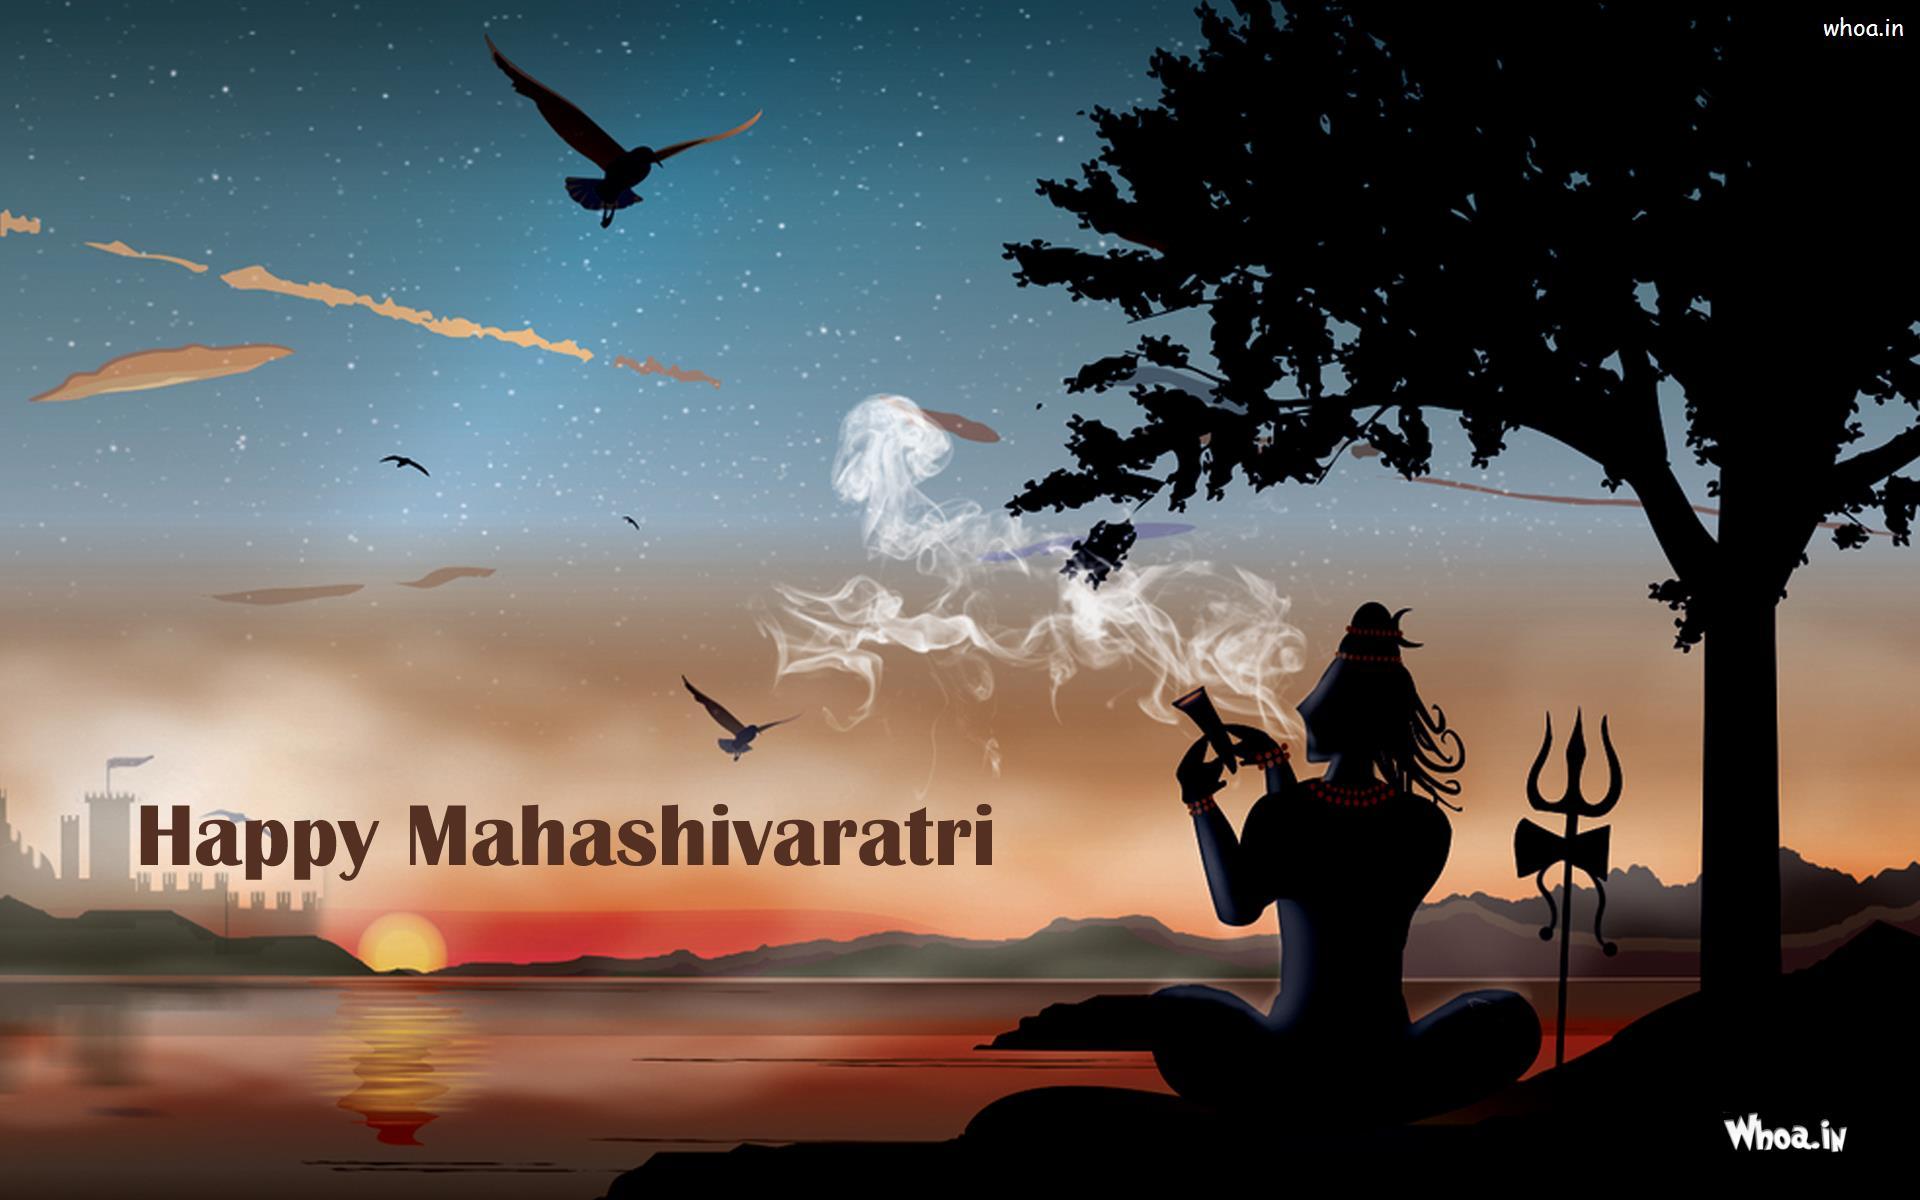 Wallpaper Of Lord Shiva With Smoking Hukka Maha Shivaratri